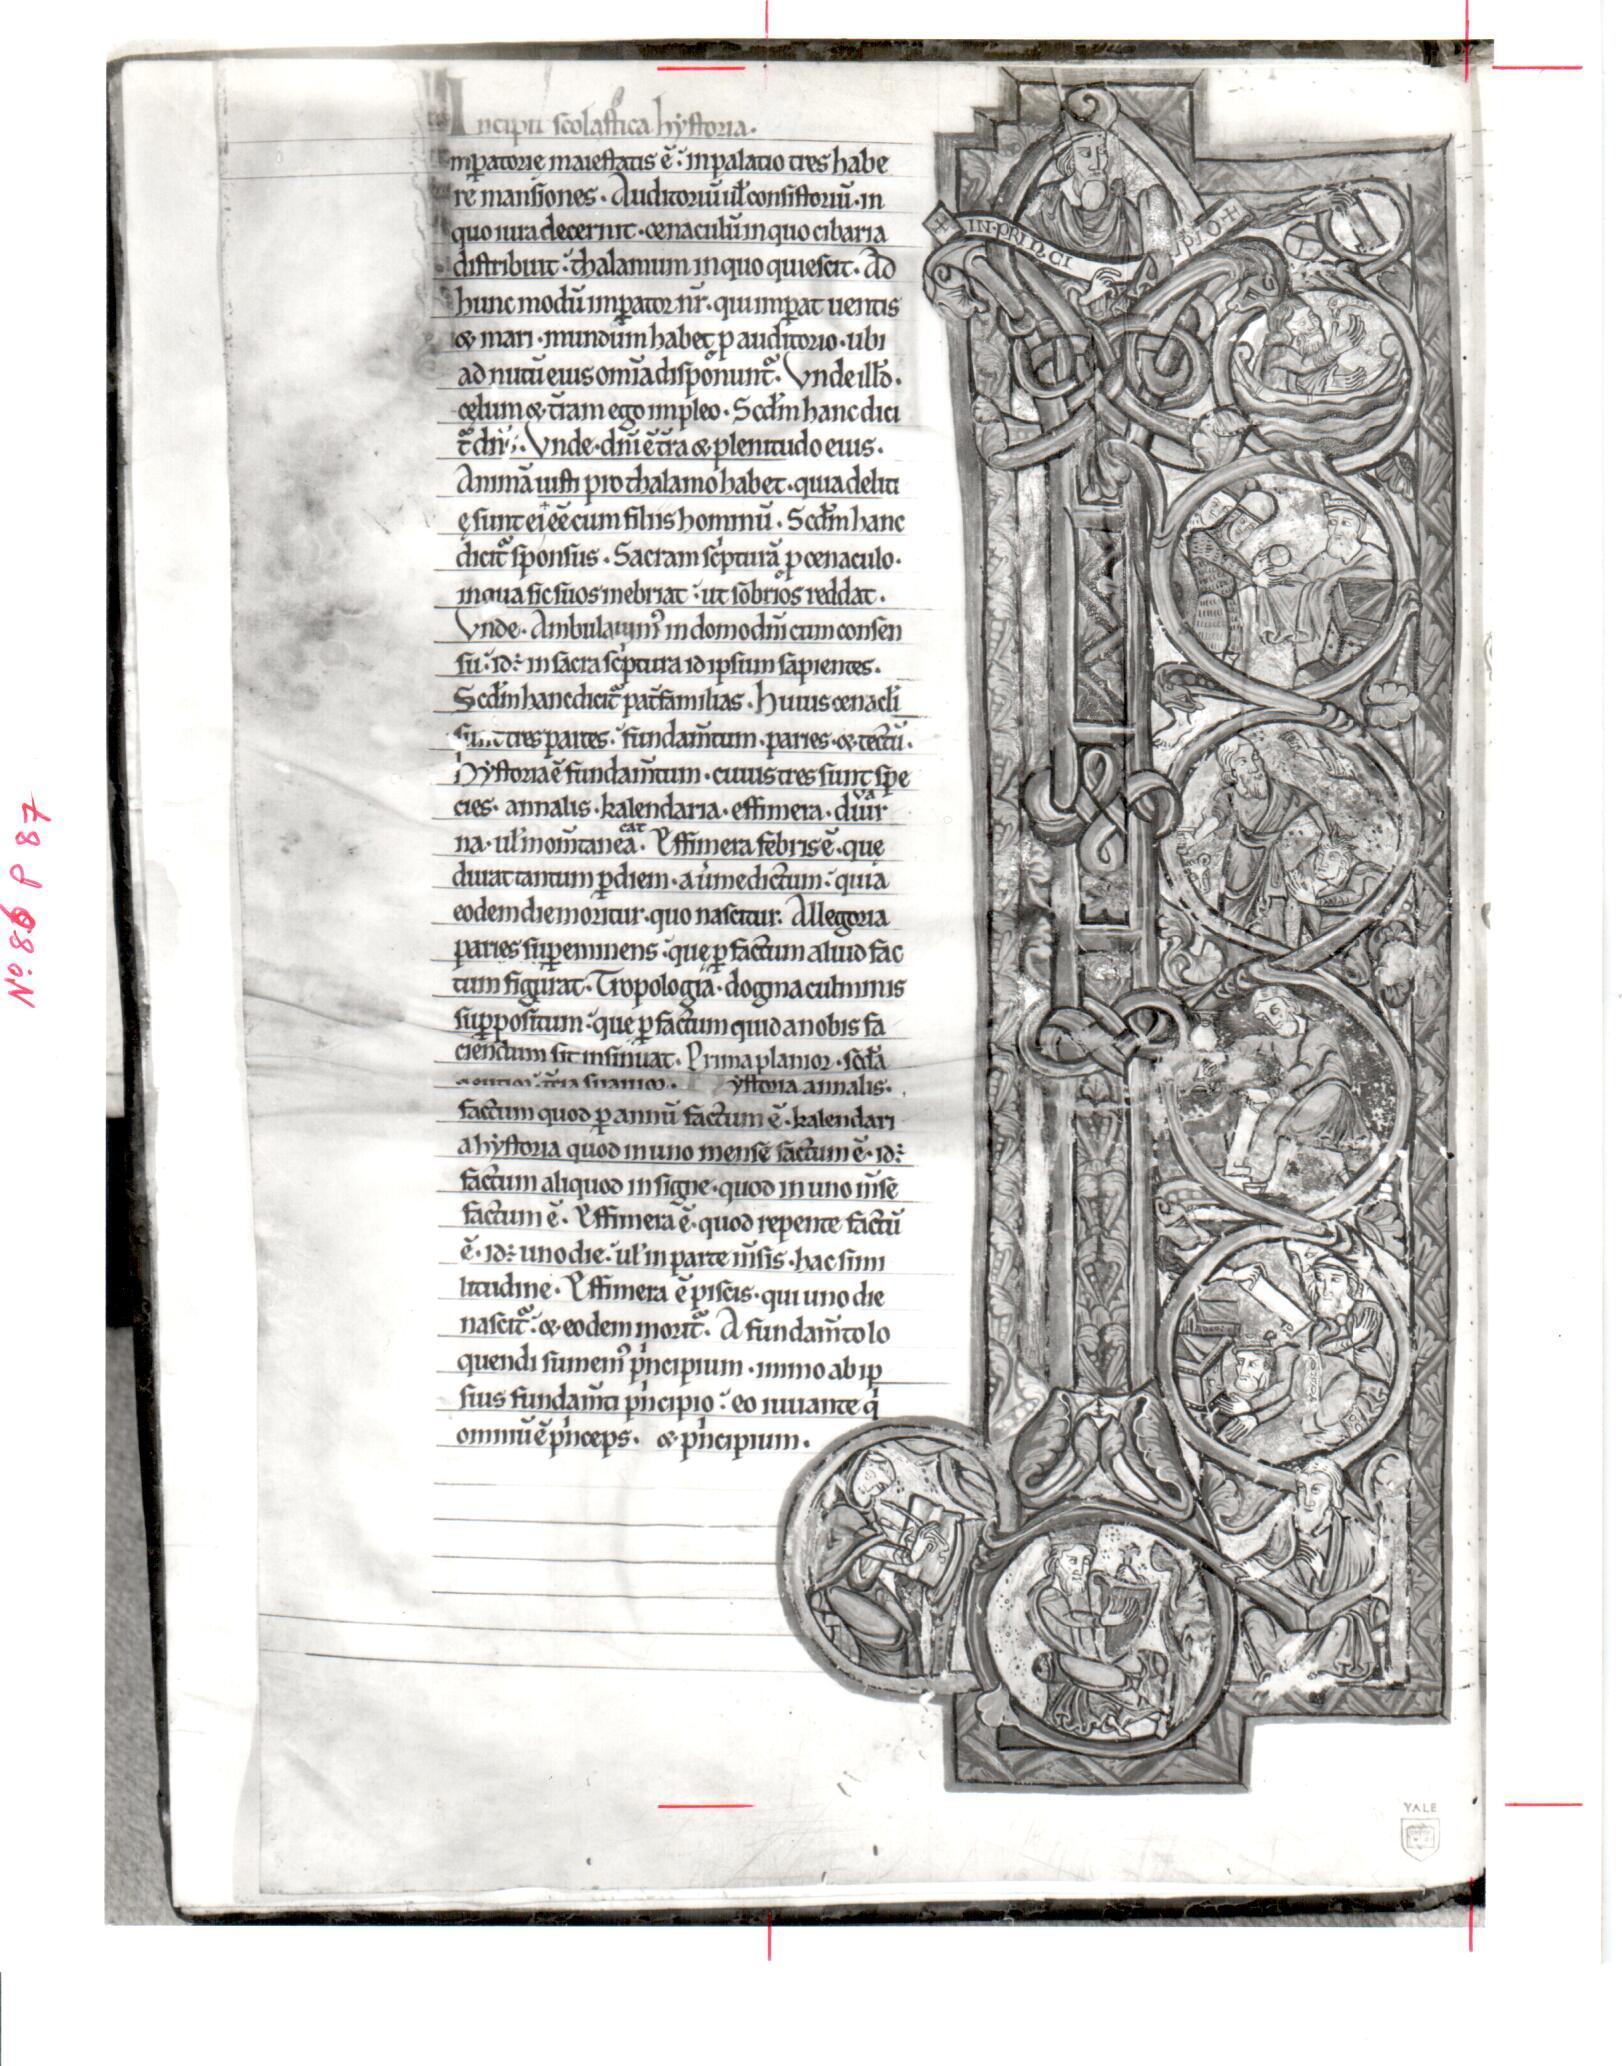 86. Beinecke MS 674, f. 1v